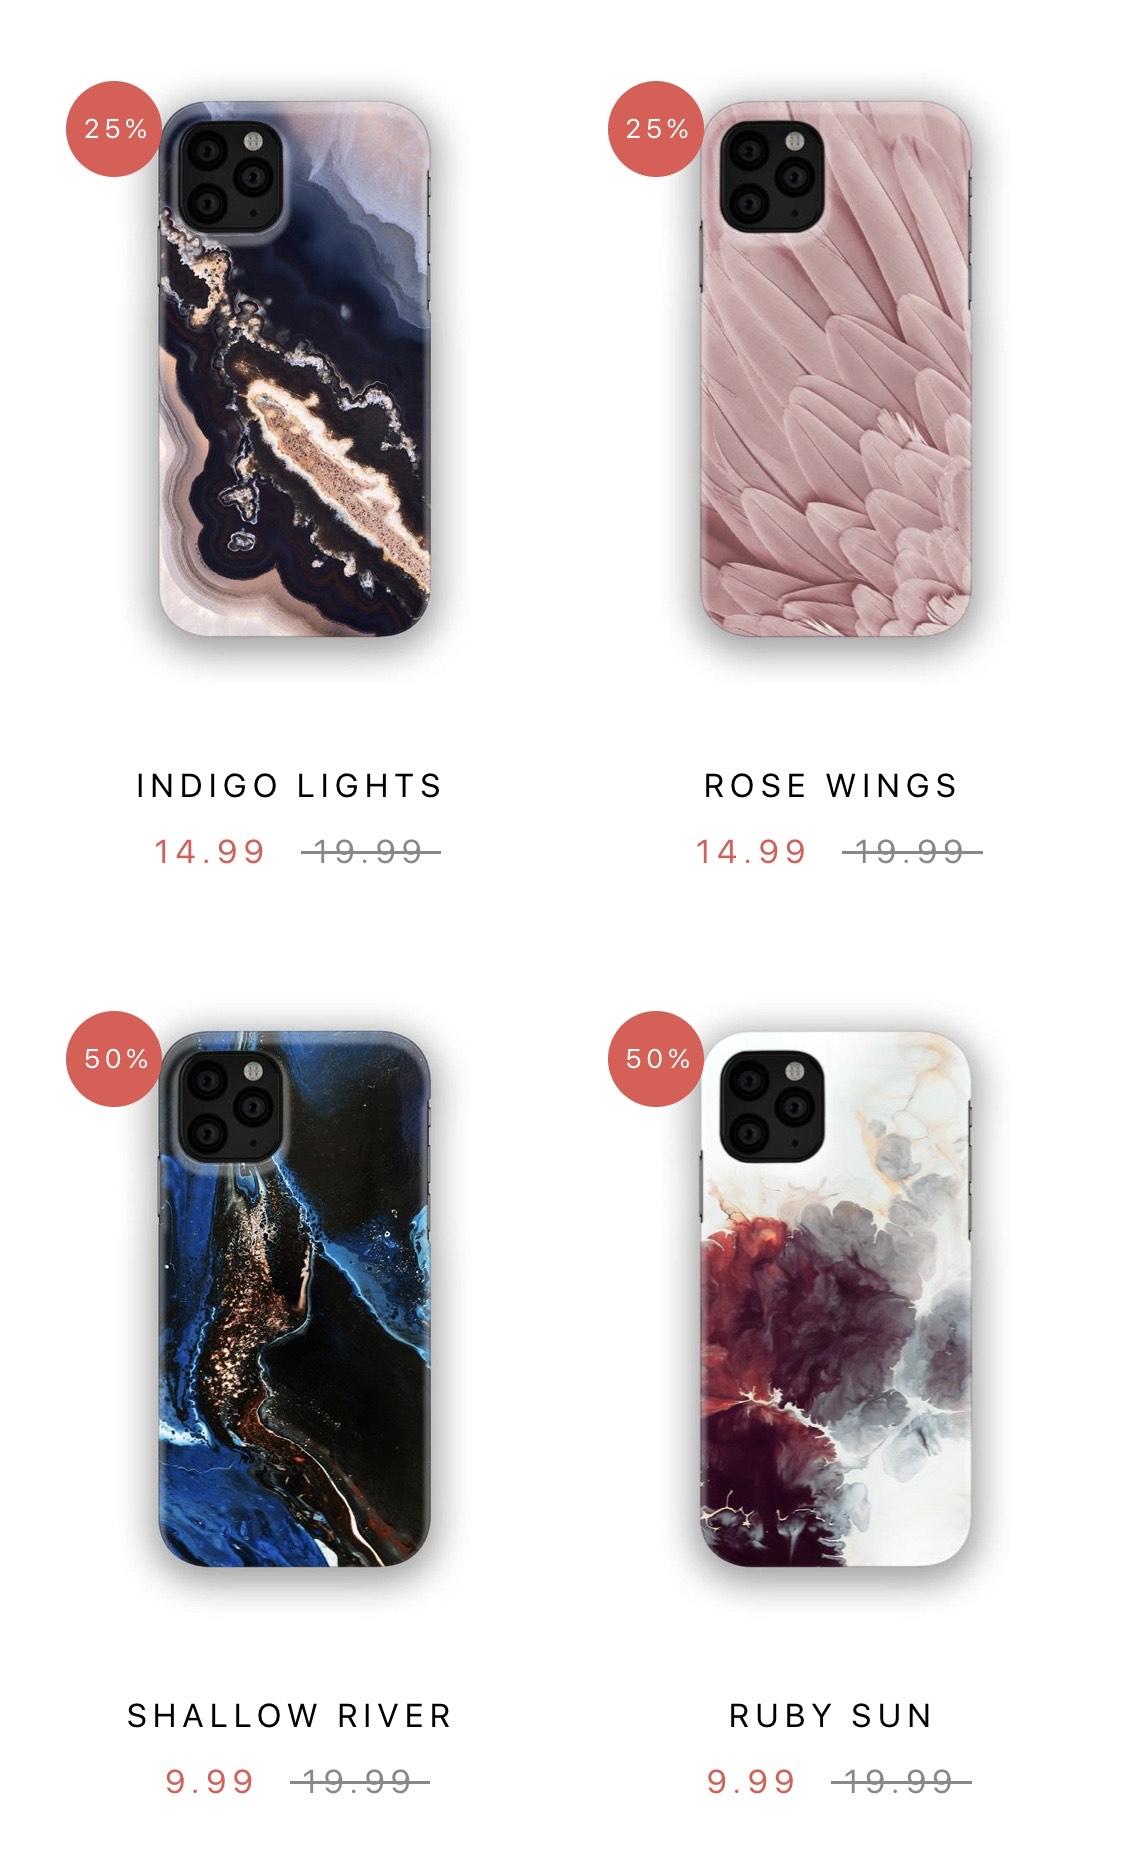 Thatsacase - iPhone Hüllen mit bis zu 80% Rabatt und 3 für 2 Aktion